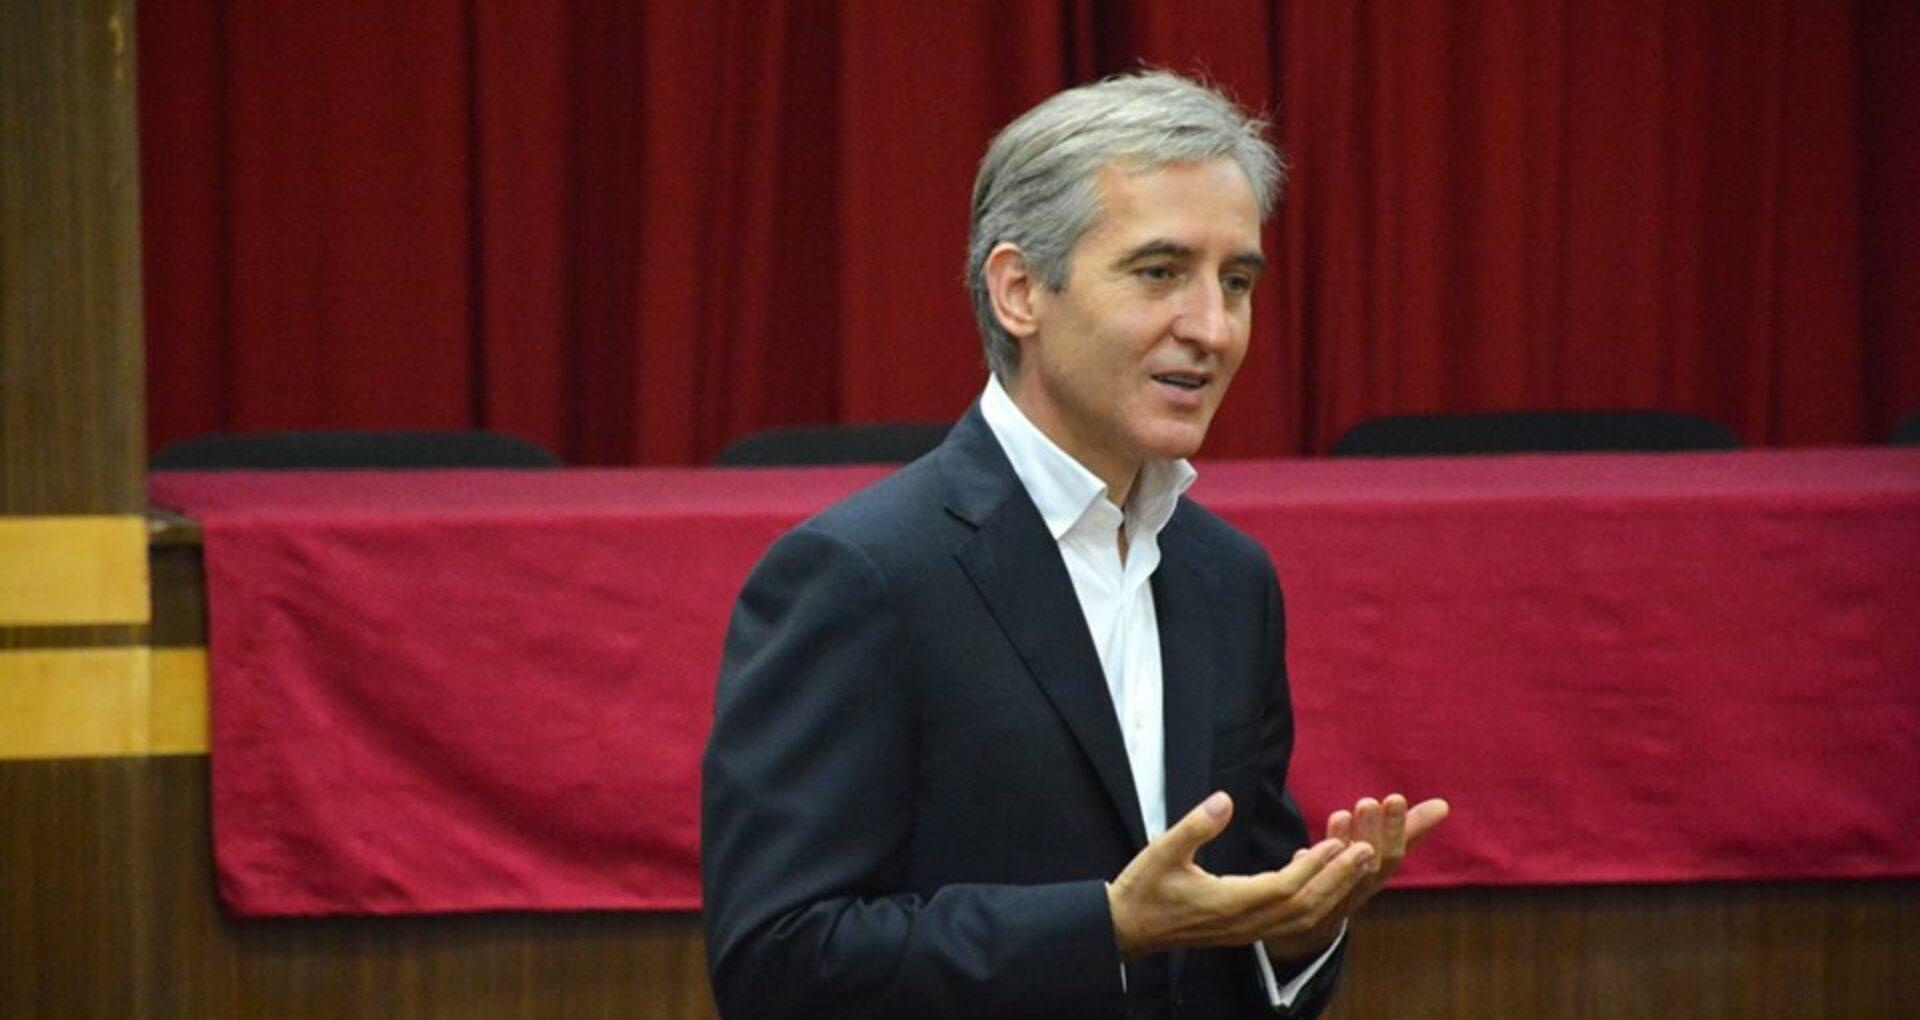 De ce Plahotniuc l-a propus pe Eugen Sturza la funcția de ministru al Apărării? Argumentul lui Leancă